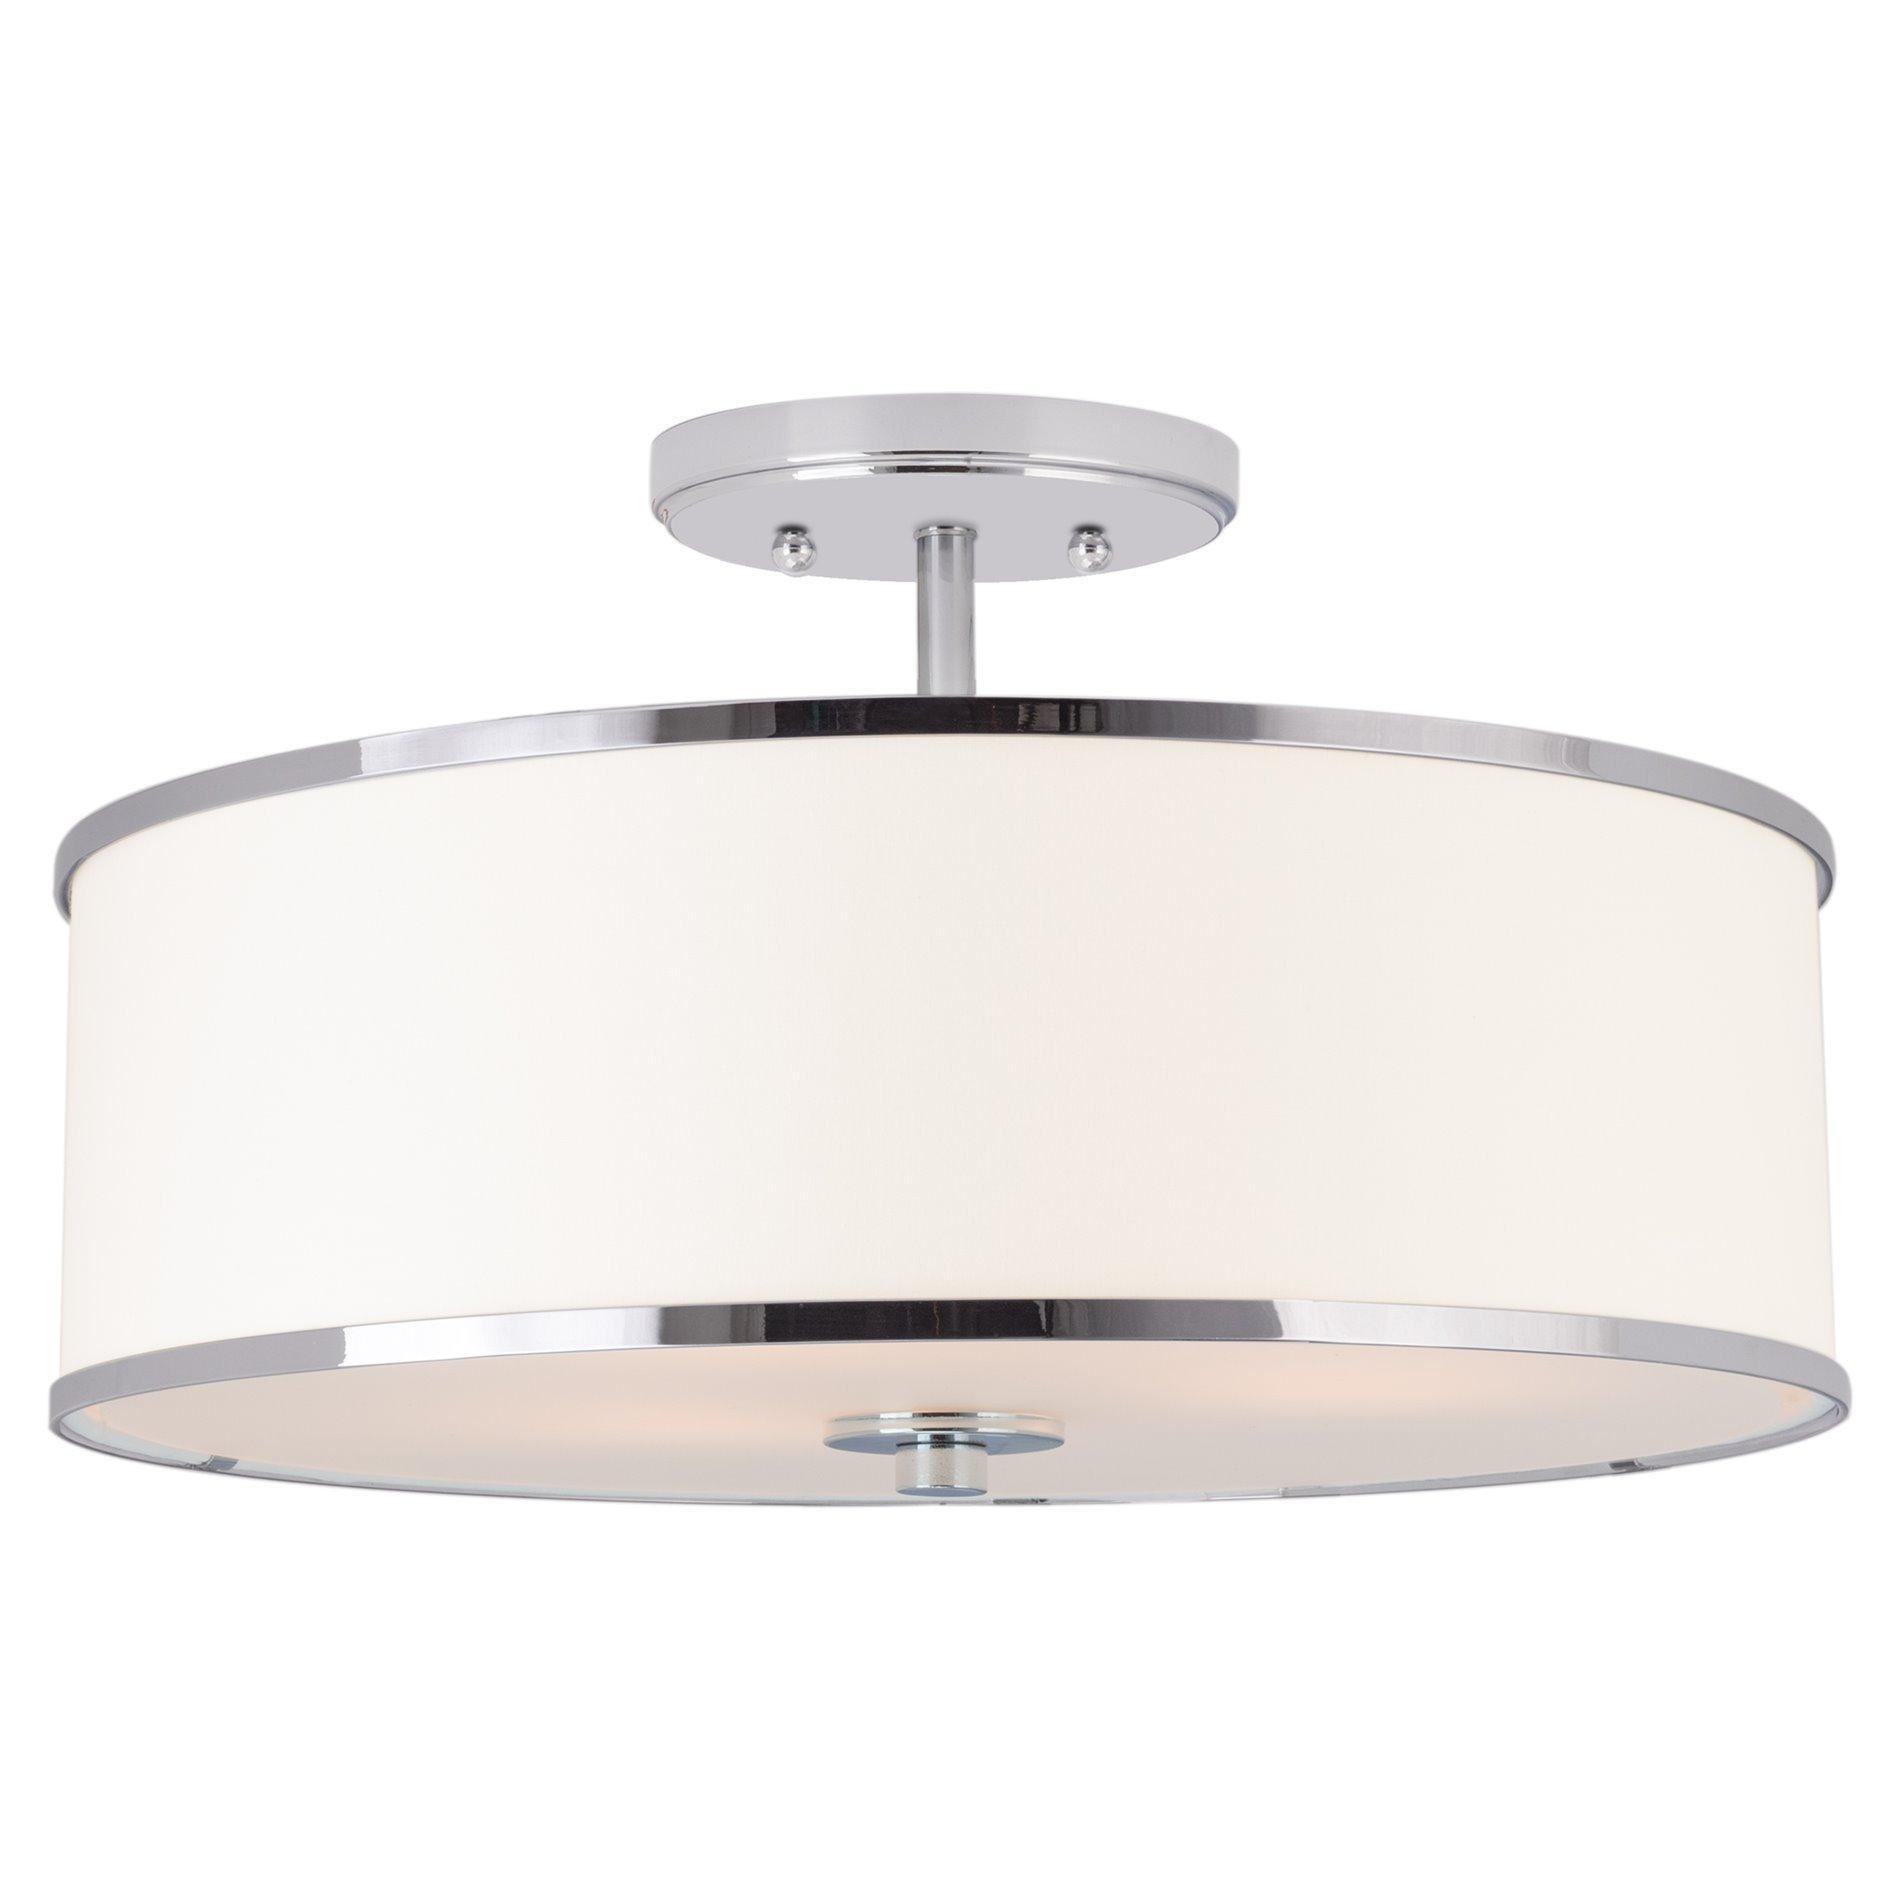 Details about kira home chloe 15 modern ceiling light semi flush mount white drum shade